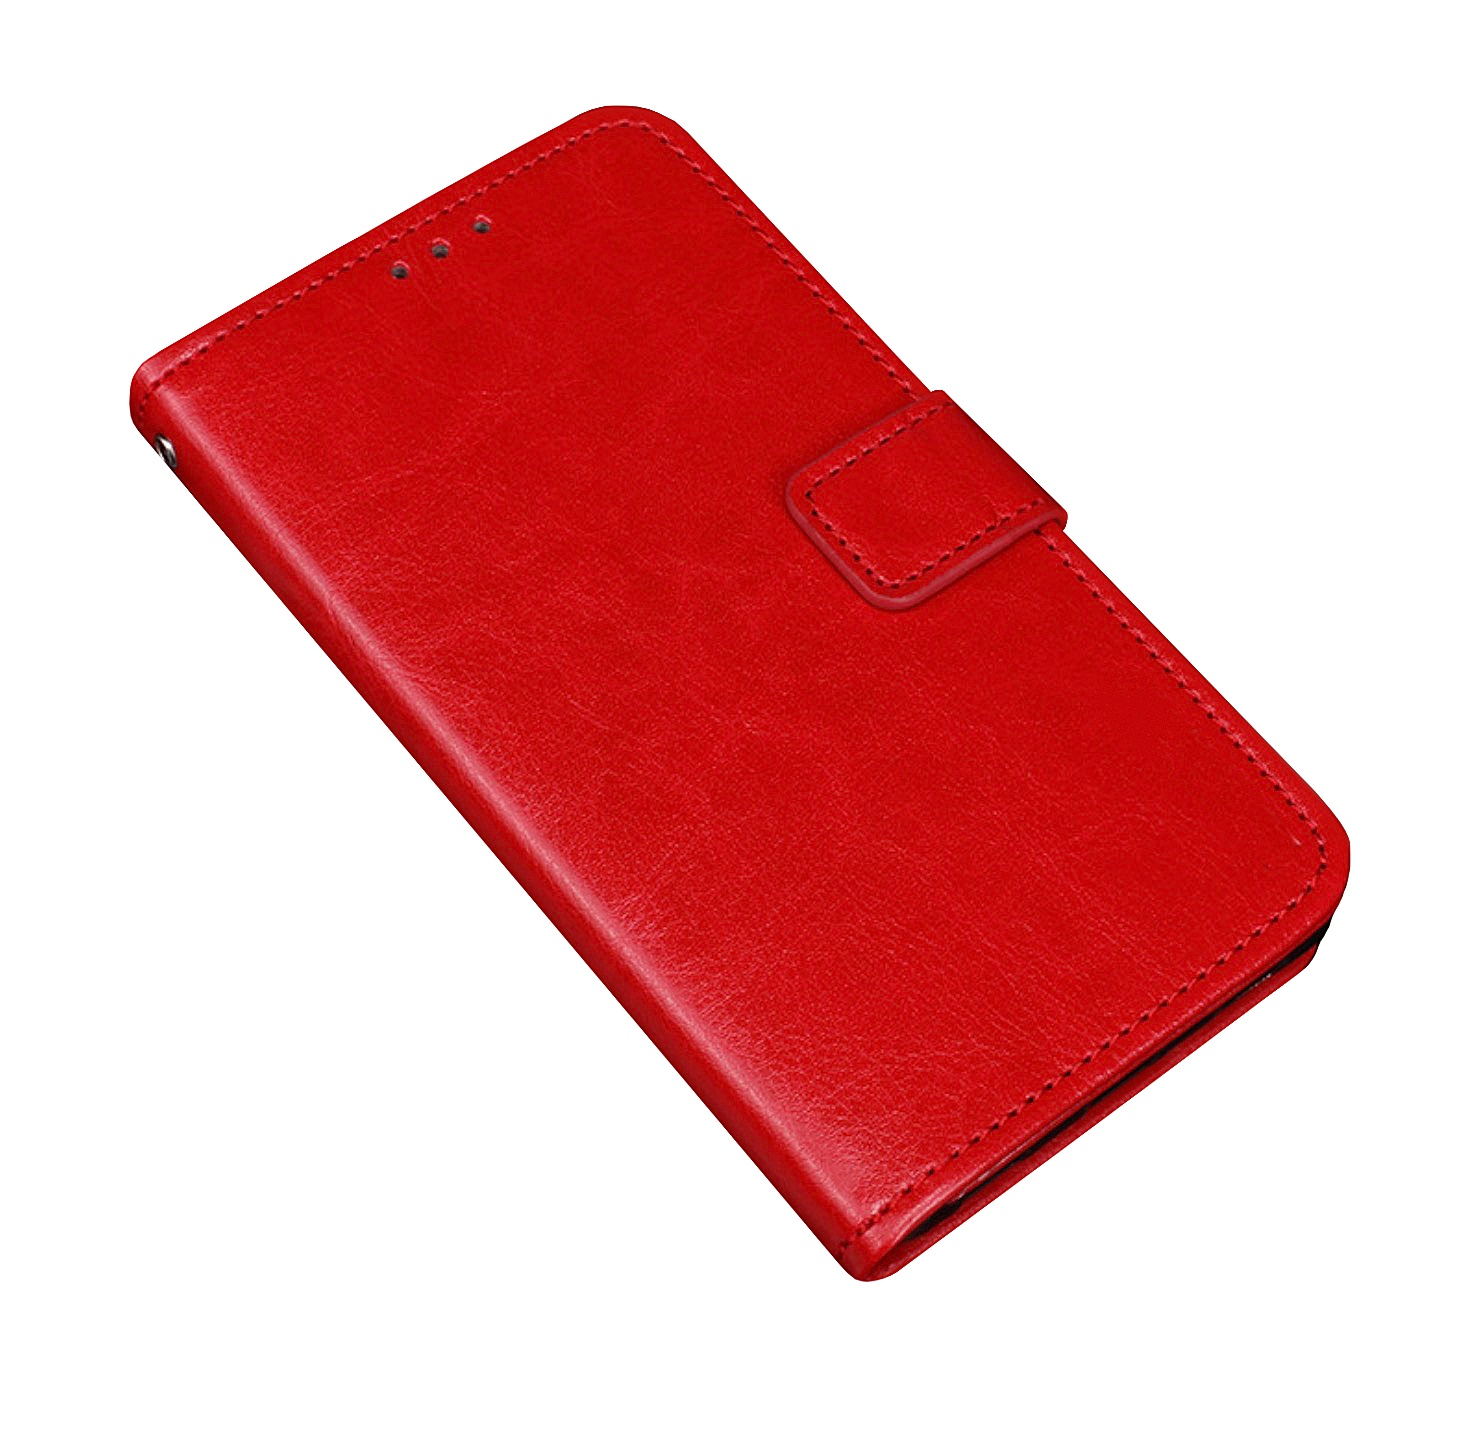 Чехол-книжка MyPads для Motorola Moto C Plus (XT1723 / XT1755) 5.0 с мульти-подставкой застёжкой и визитницей красный силиконовый чехол pero для moto c plus xt1723 прозрачный